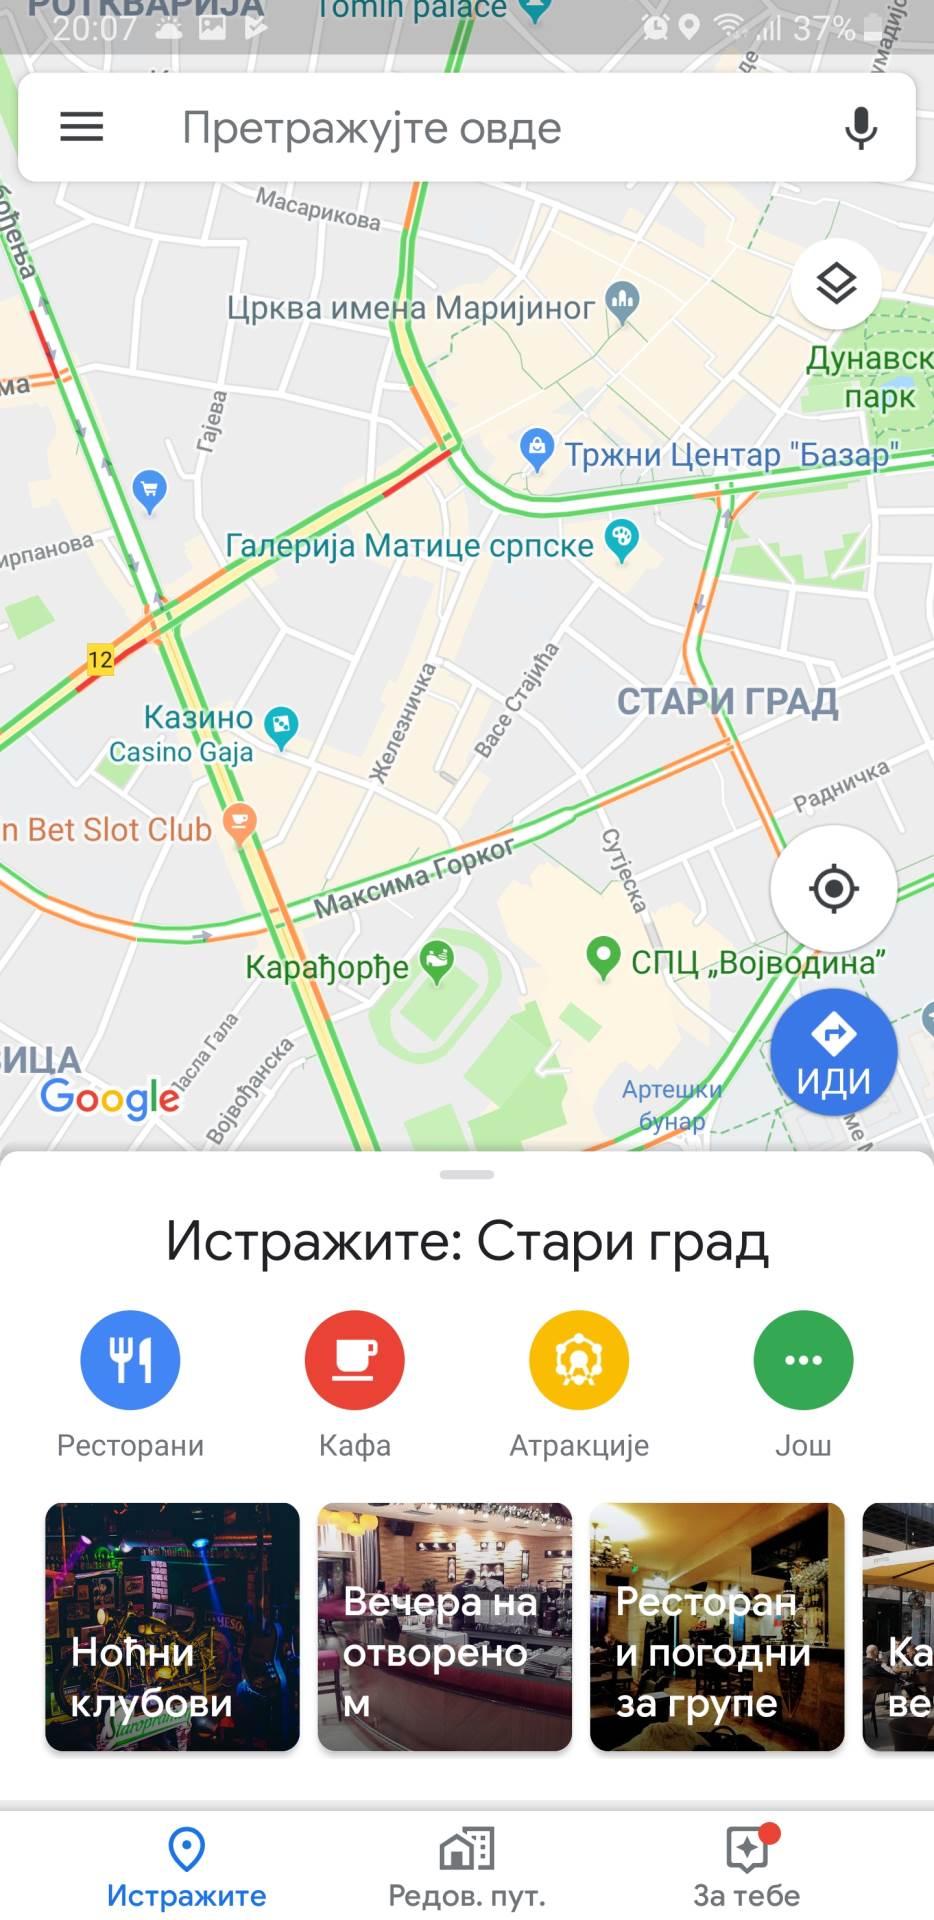 Google Maps: Evo kako sad izgleda aplikacija